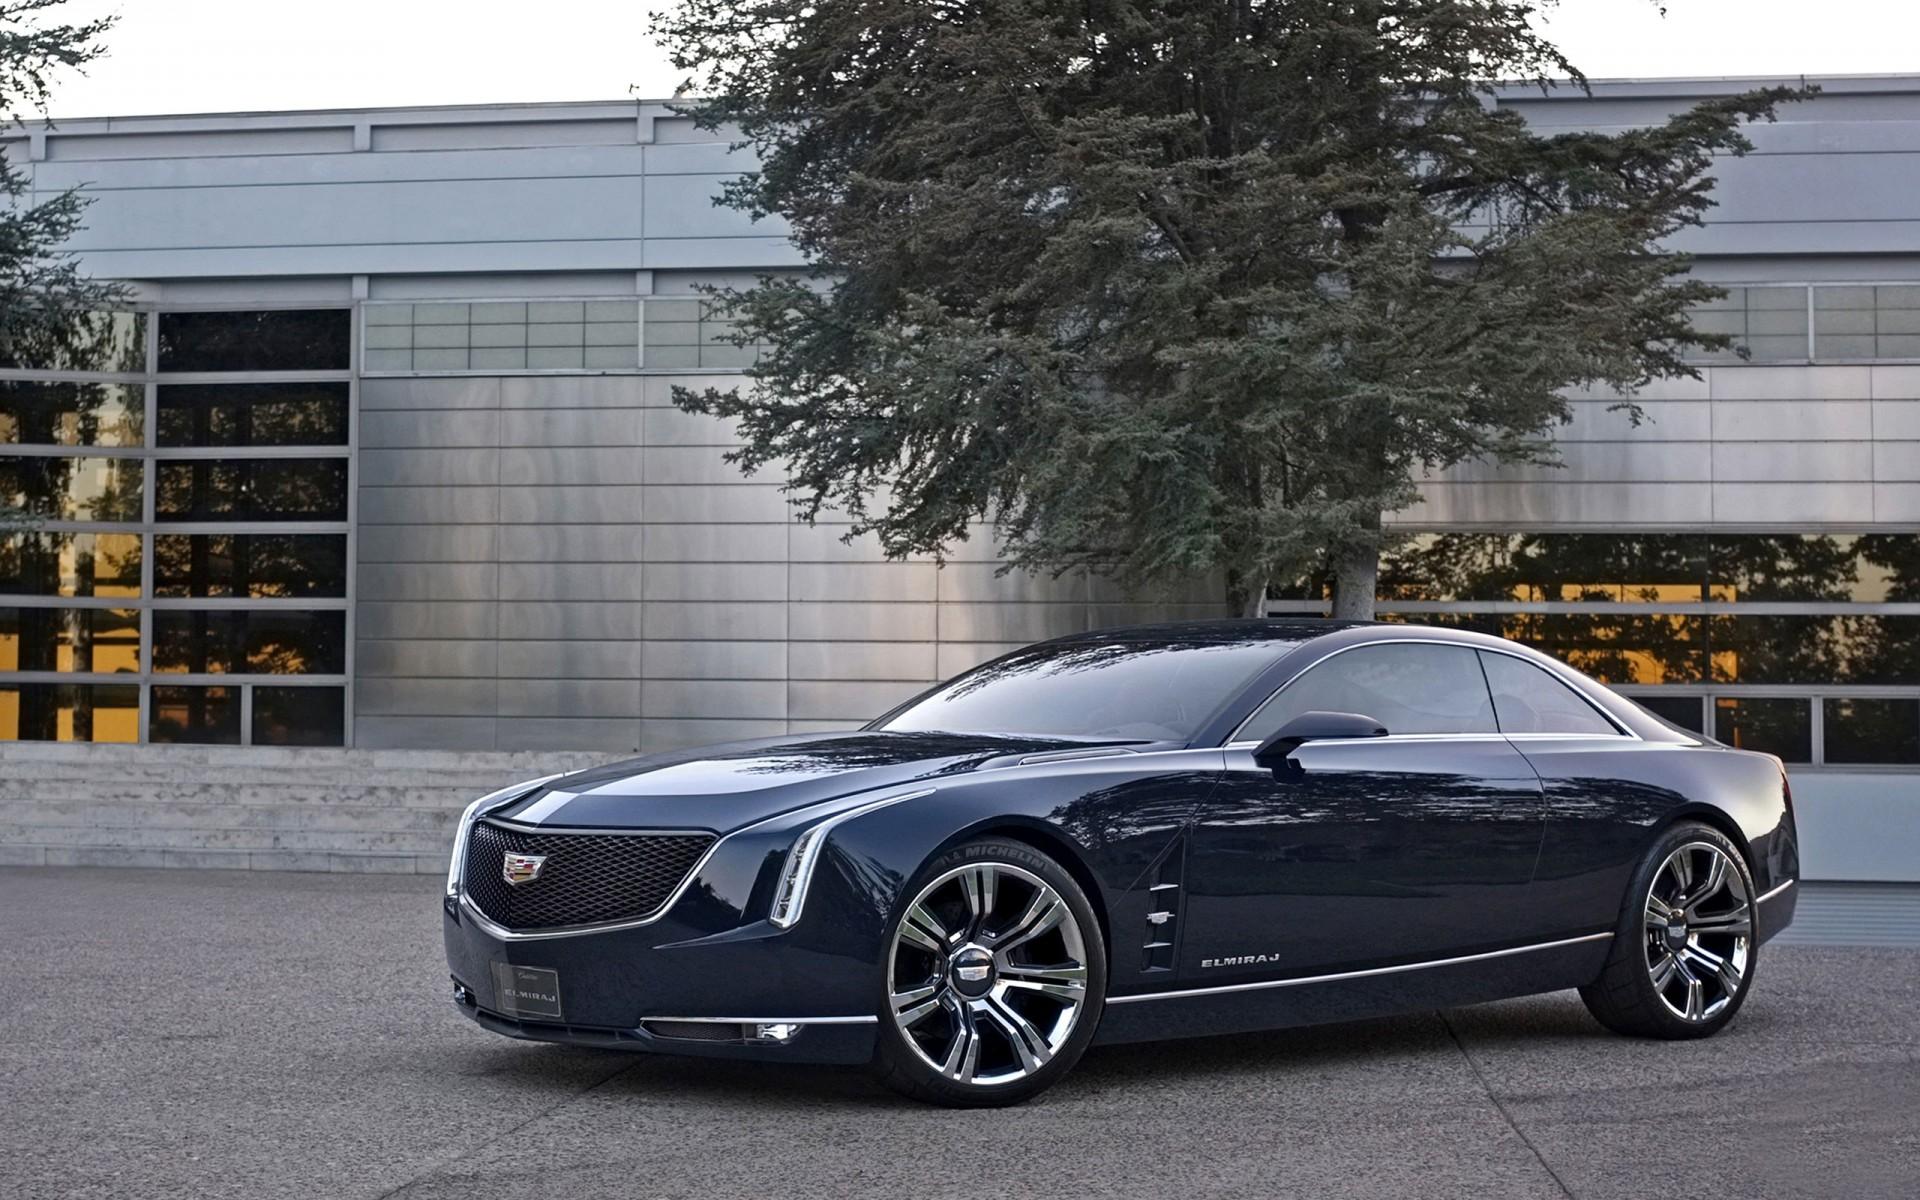 2017 Cadillac Elmiraj Price >> 2013 Cadillac Elmiraj Concept Wallpaper | HD Car Wallpapers | ID #3635